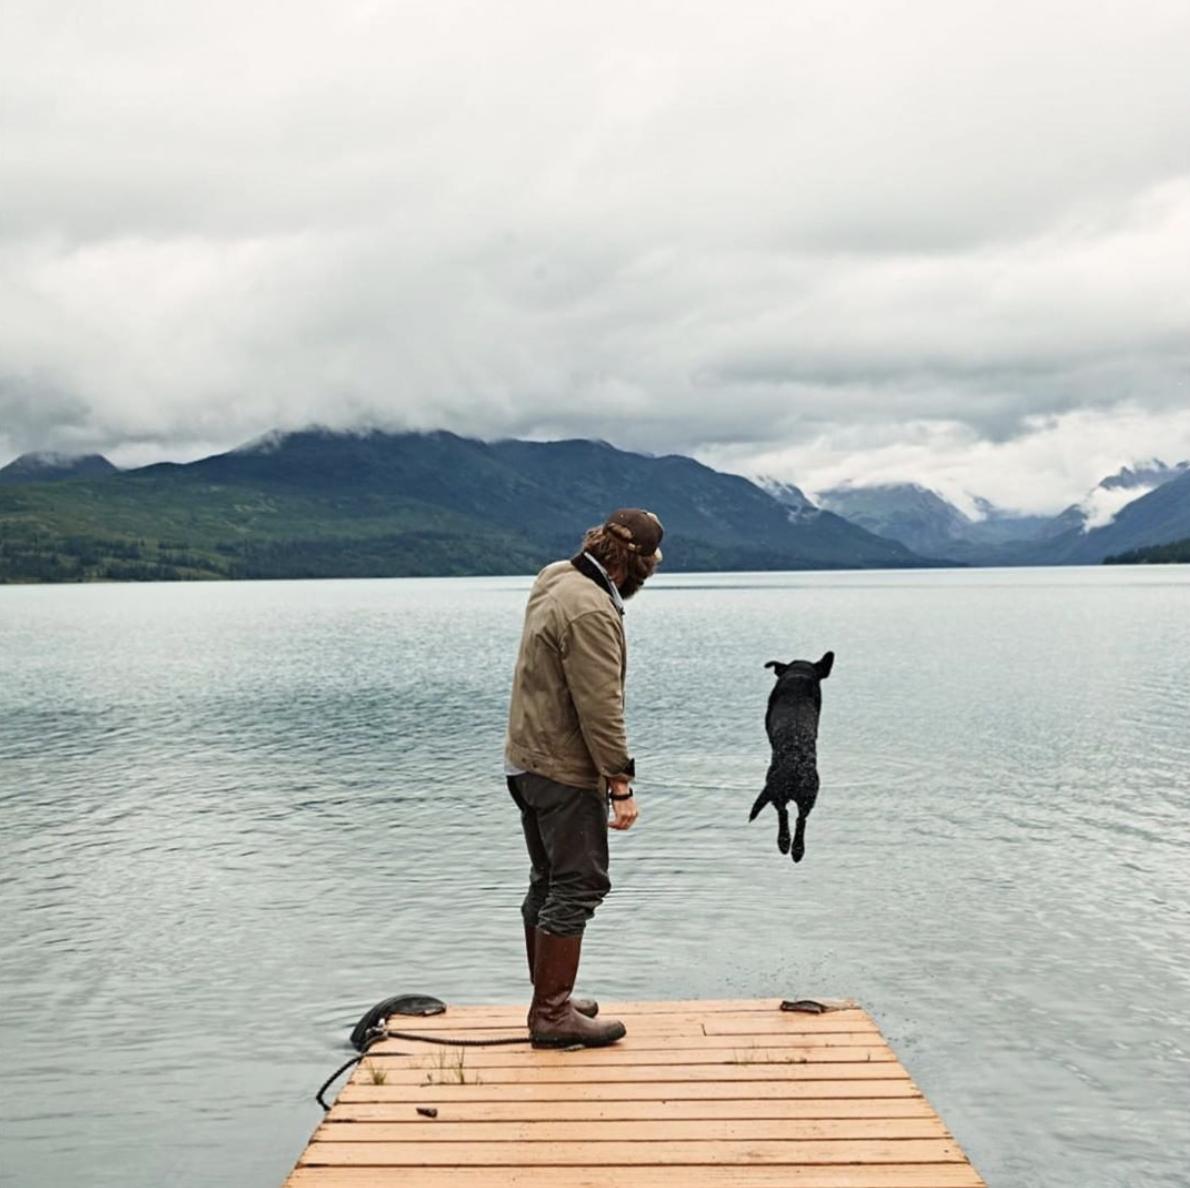 Man looking at dog jumping in lake